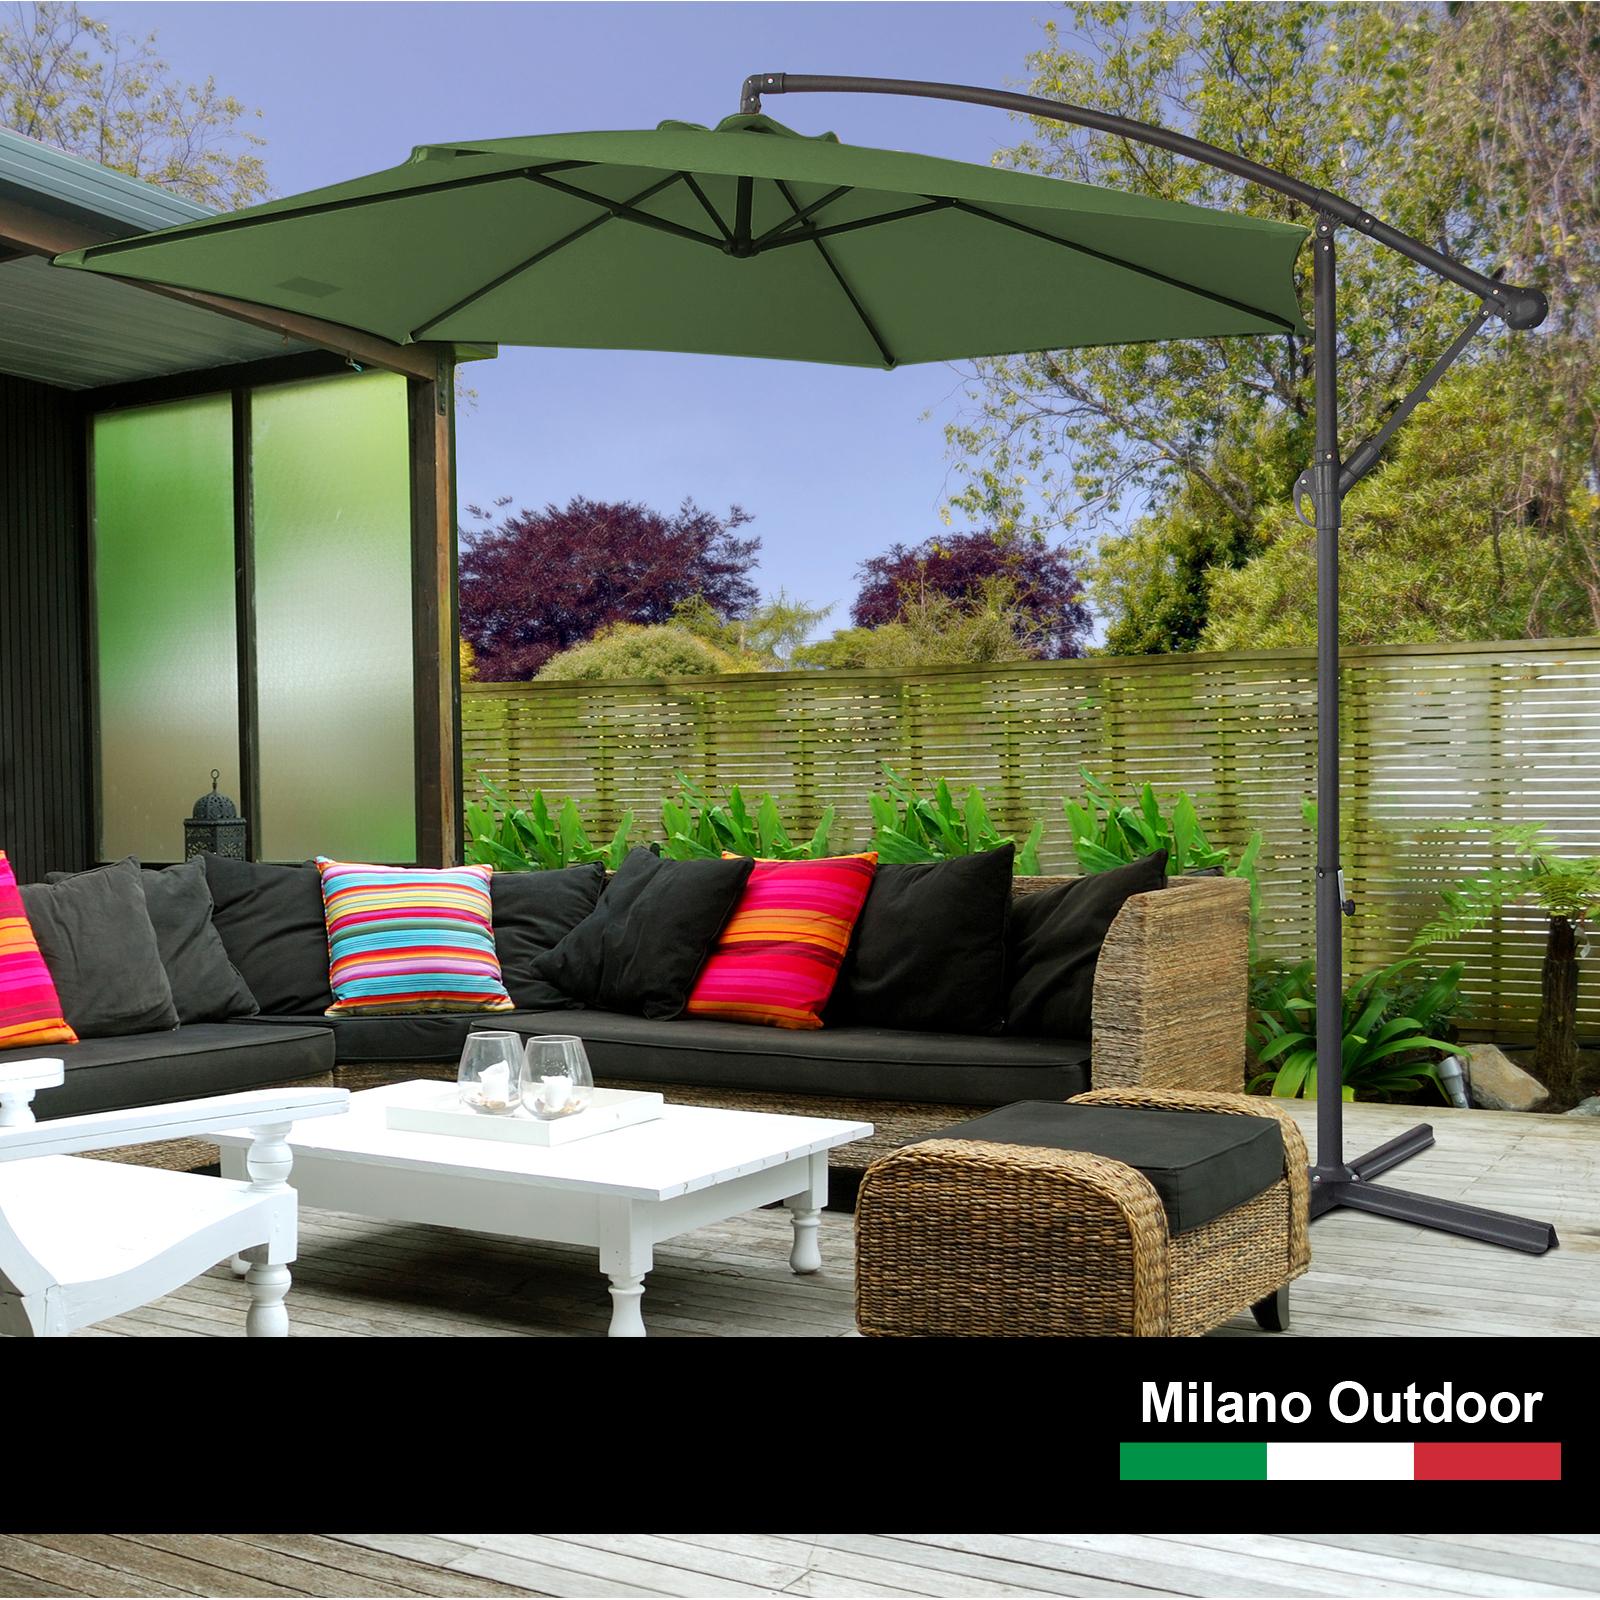 thumbnail 32 - Milano Outdoor 3 Metre Cantilever Umbrella UV Sunshade Garden Patio Deck